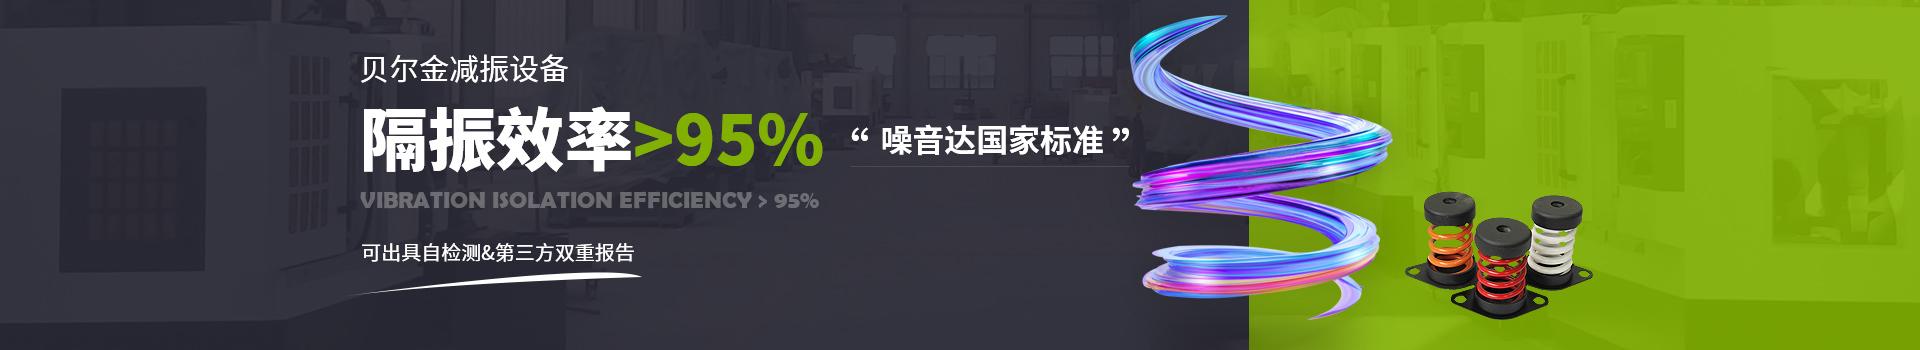 贝尔金减振设备隔振效率>95%